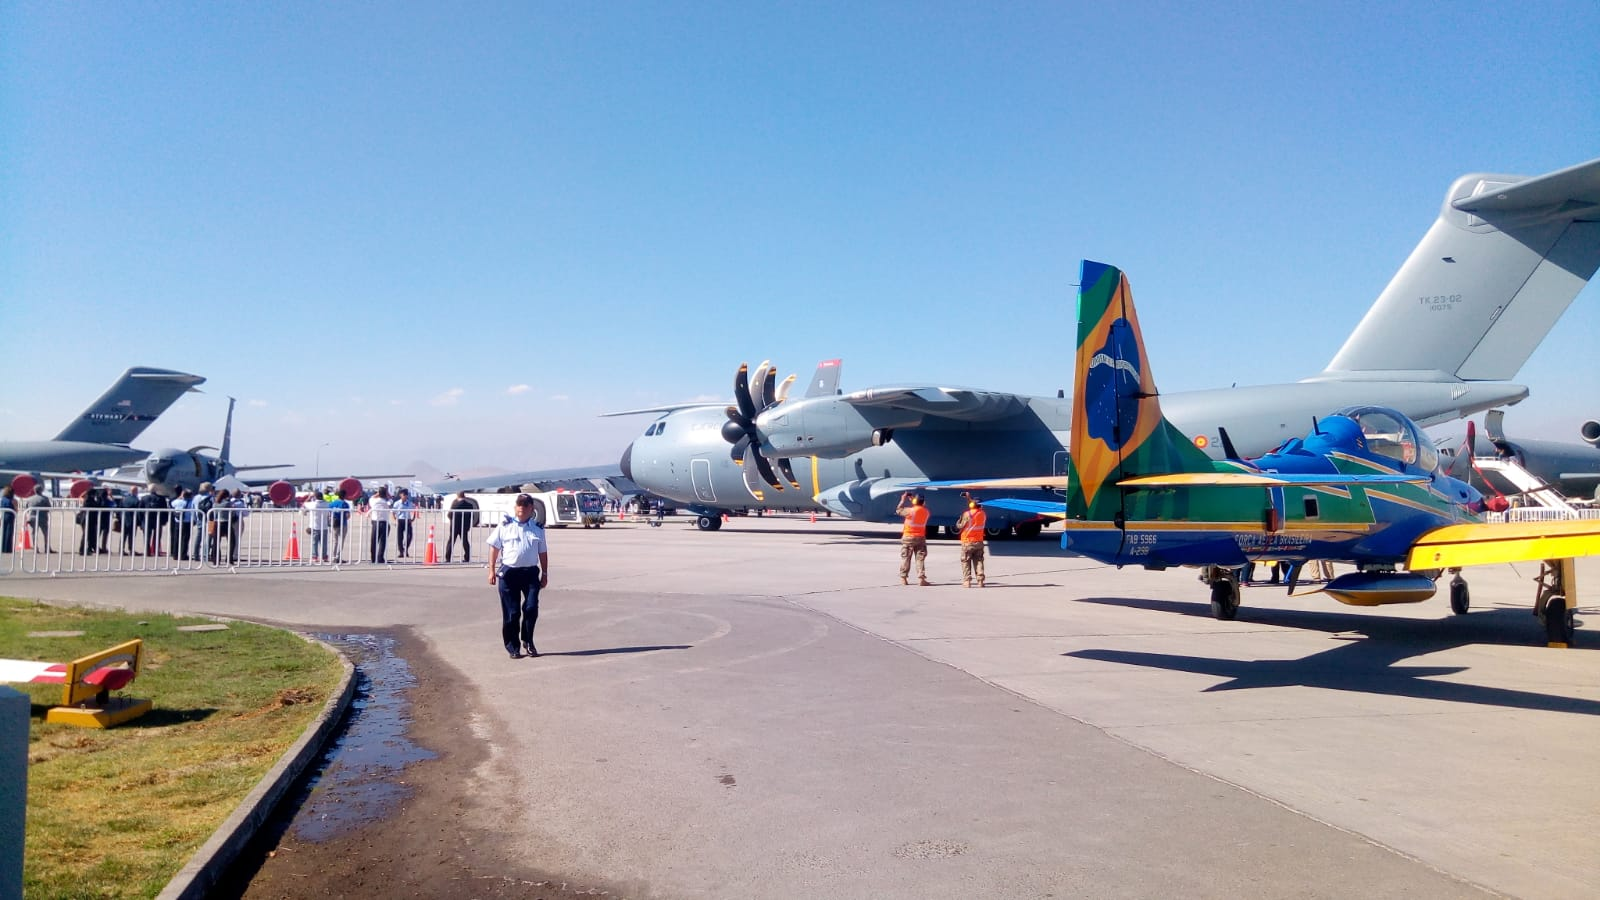 El A400m del Ala 31 estacionado en la plataforma del Aeropuerto Comodoro Arturo Merino Banítez